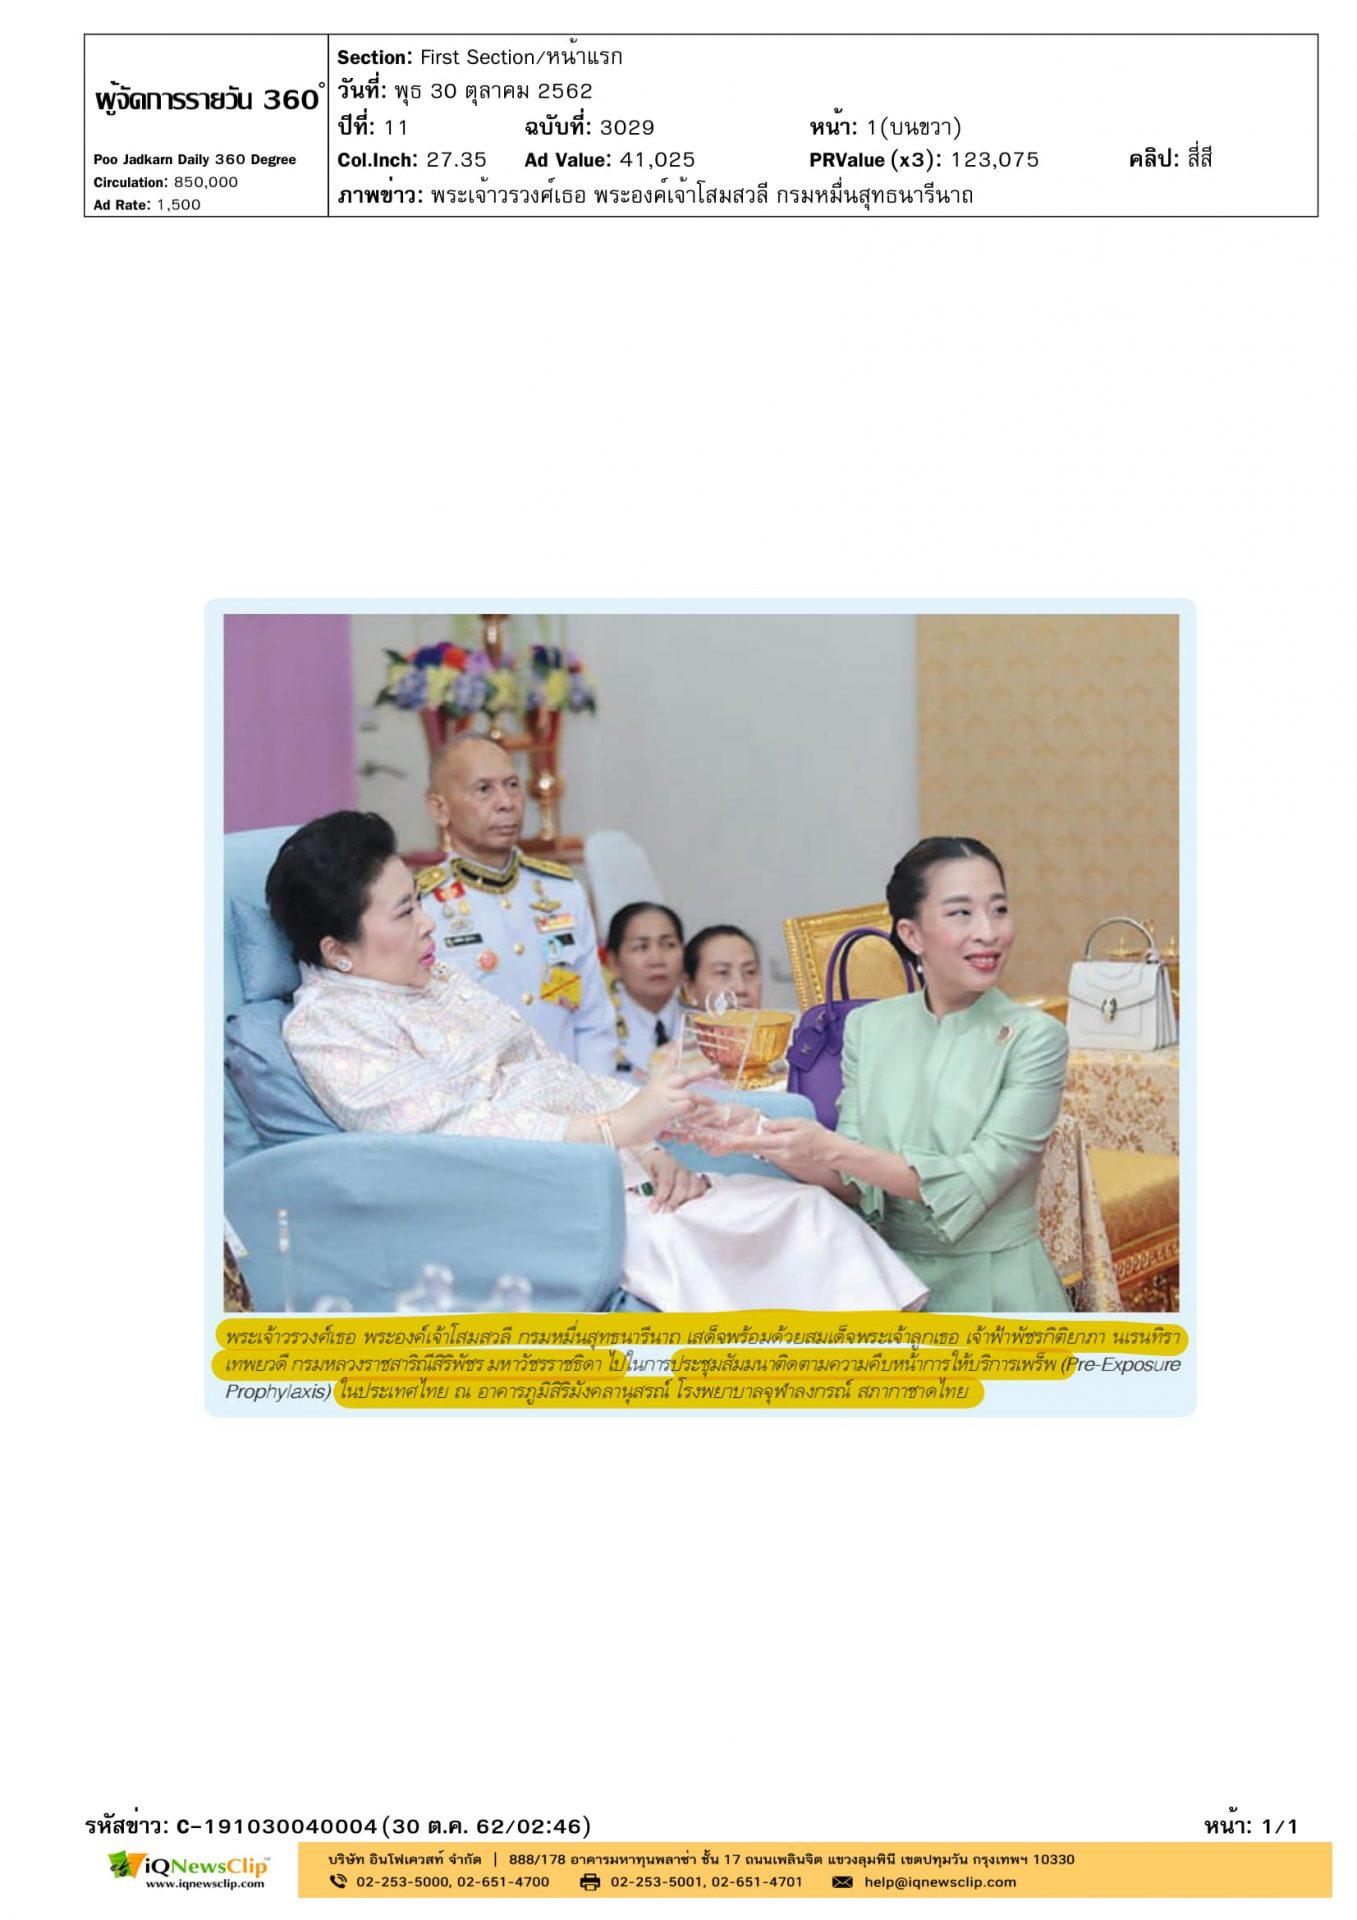 ความคืบหน้าของการให้บริการเพร็พในประเทศไทย ณ รพ.จุฬาฯ*